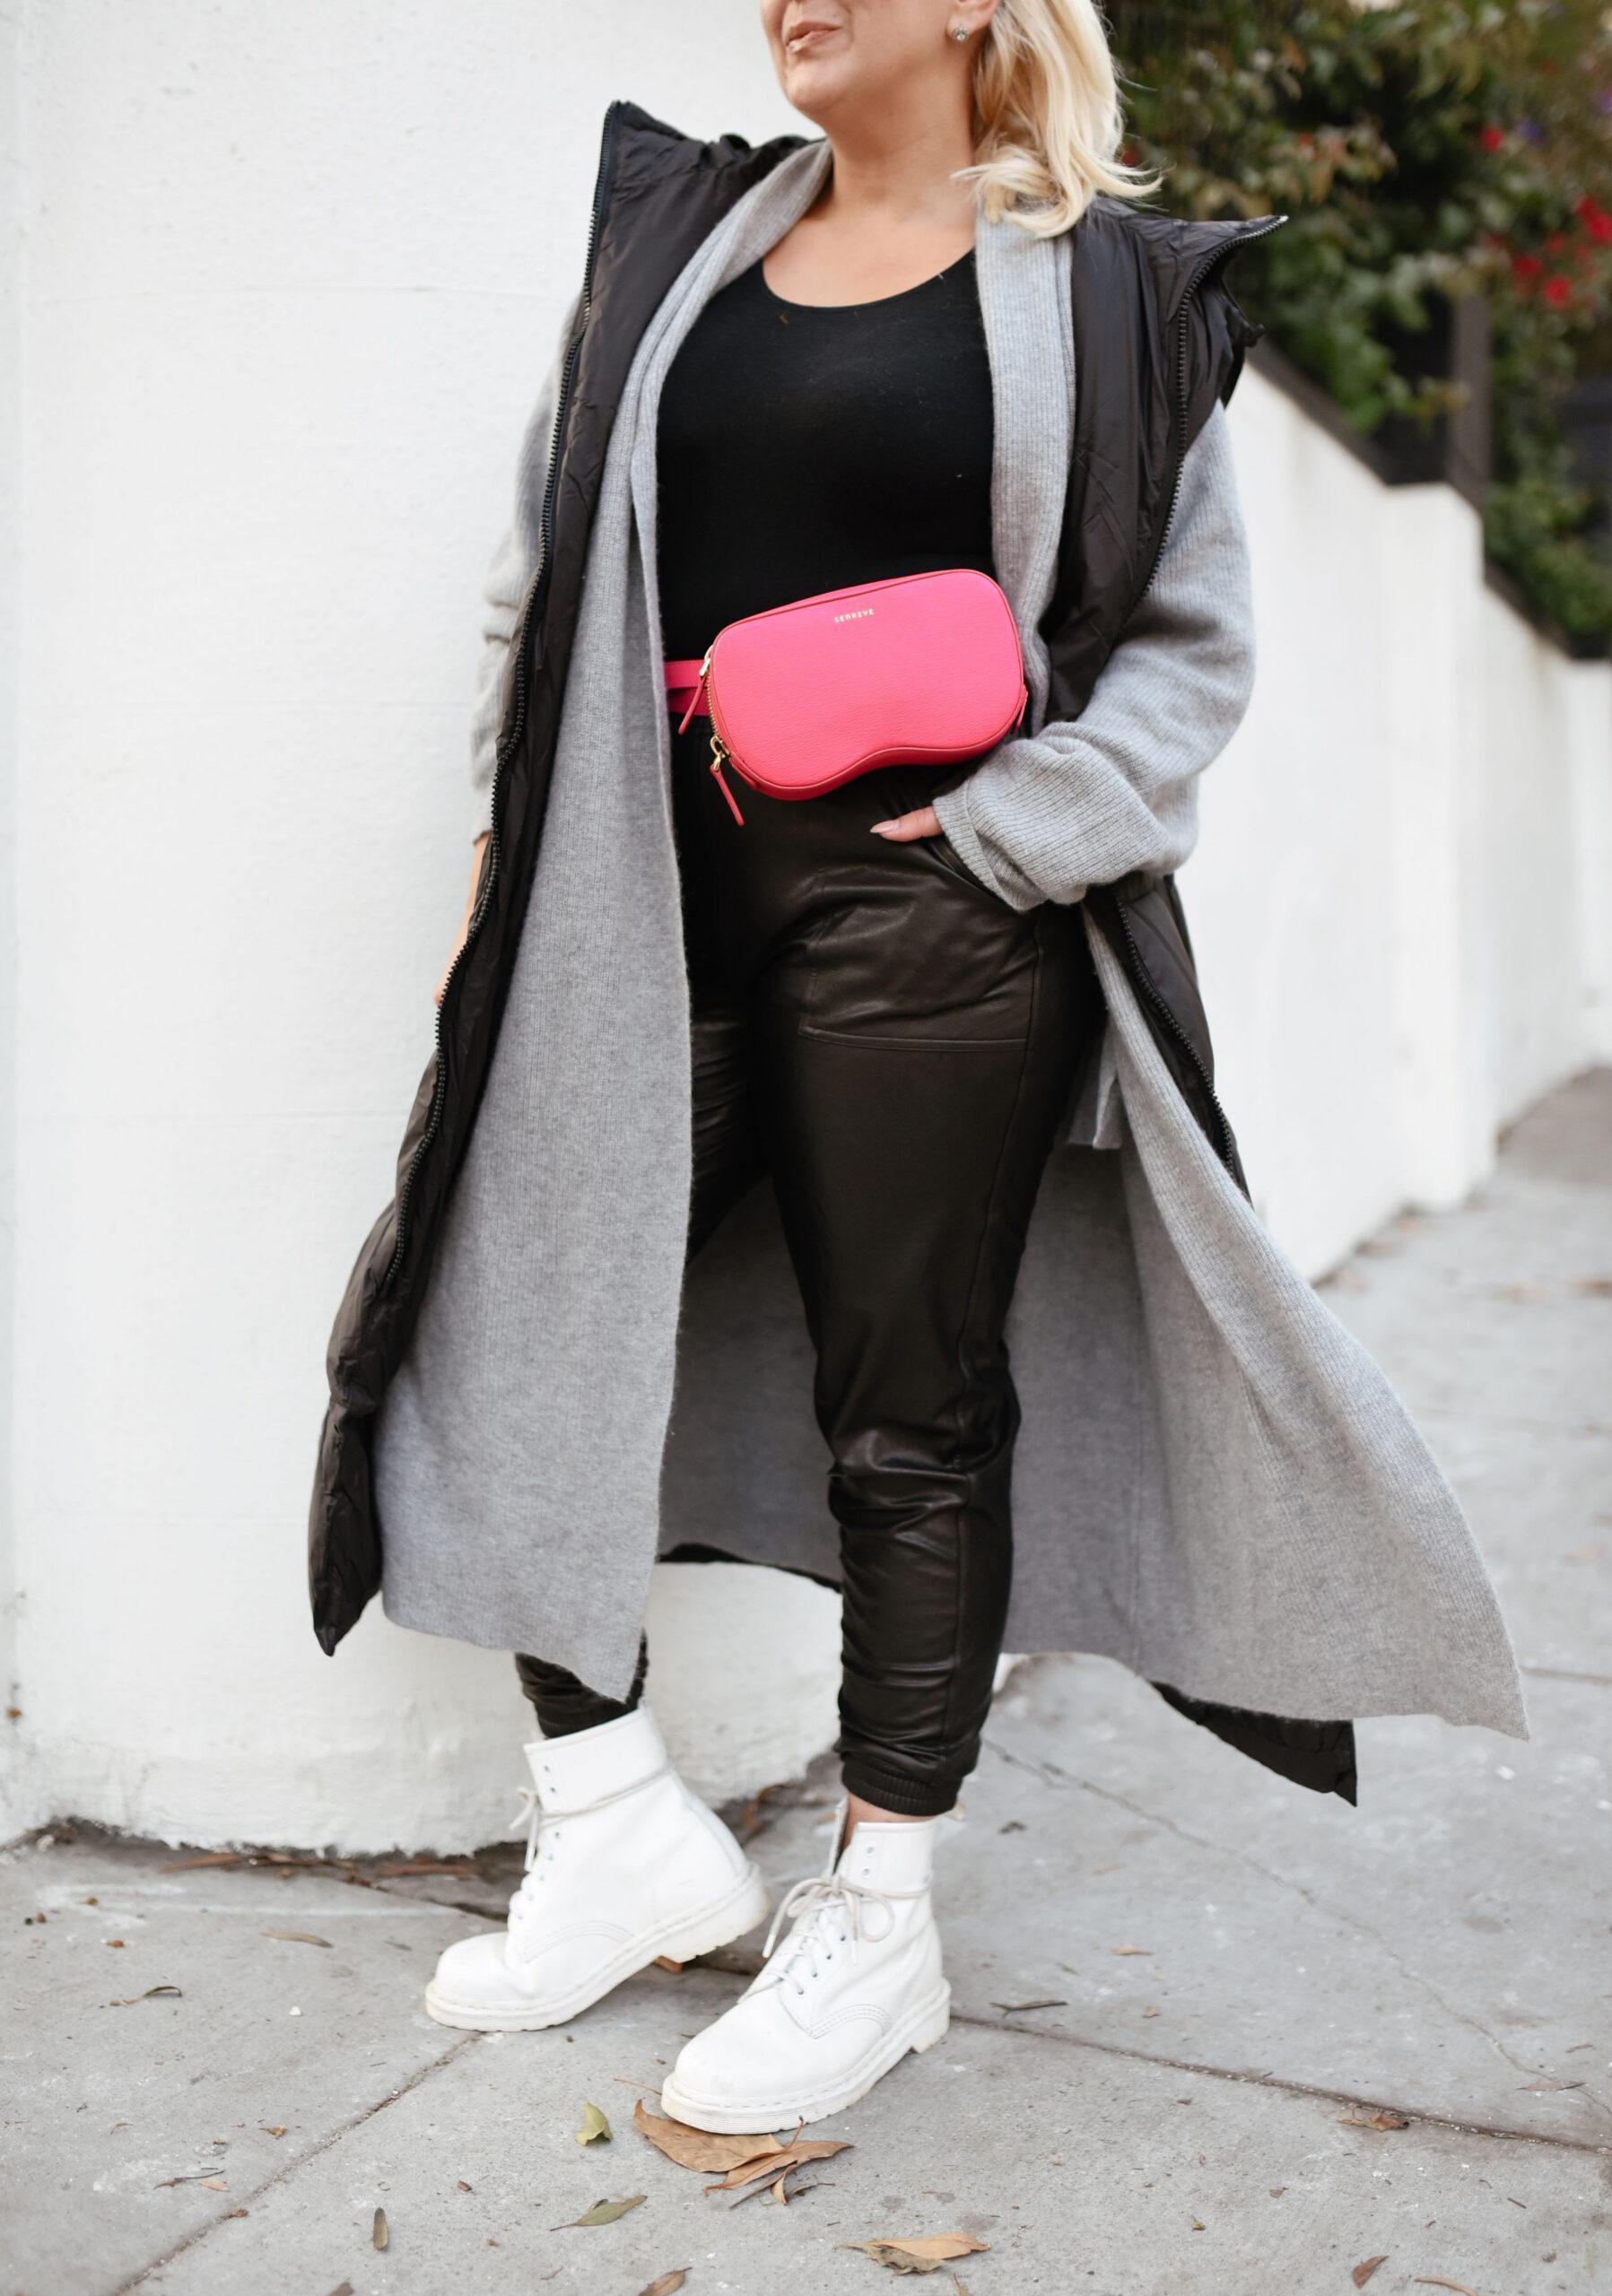 Leather-like jogger, KatWalkSF, Kat Ensign, Spanx joggers, Spanx leather-like joggers, SKIMS bodysuit, Spanx, Senreve Coatigan, Senreve belt bag